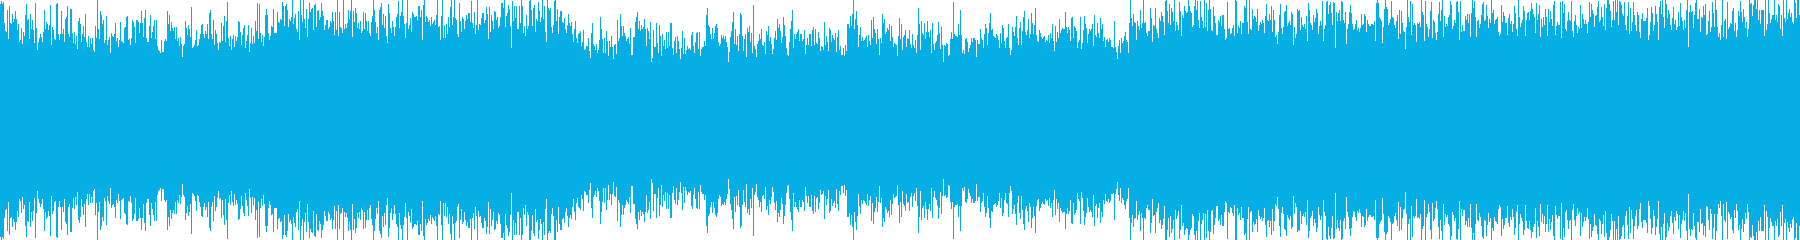 決戦!壮大なオーケストラ/ボス戦ループ可の再生済みの波形